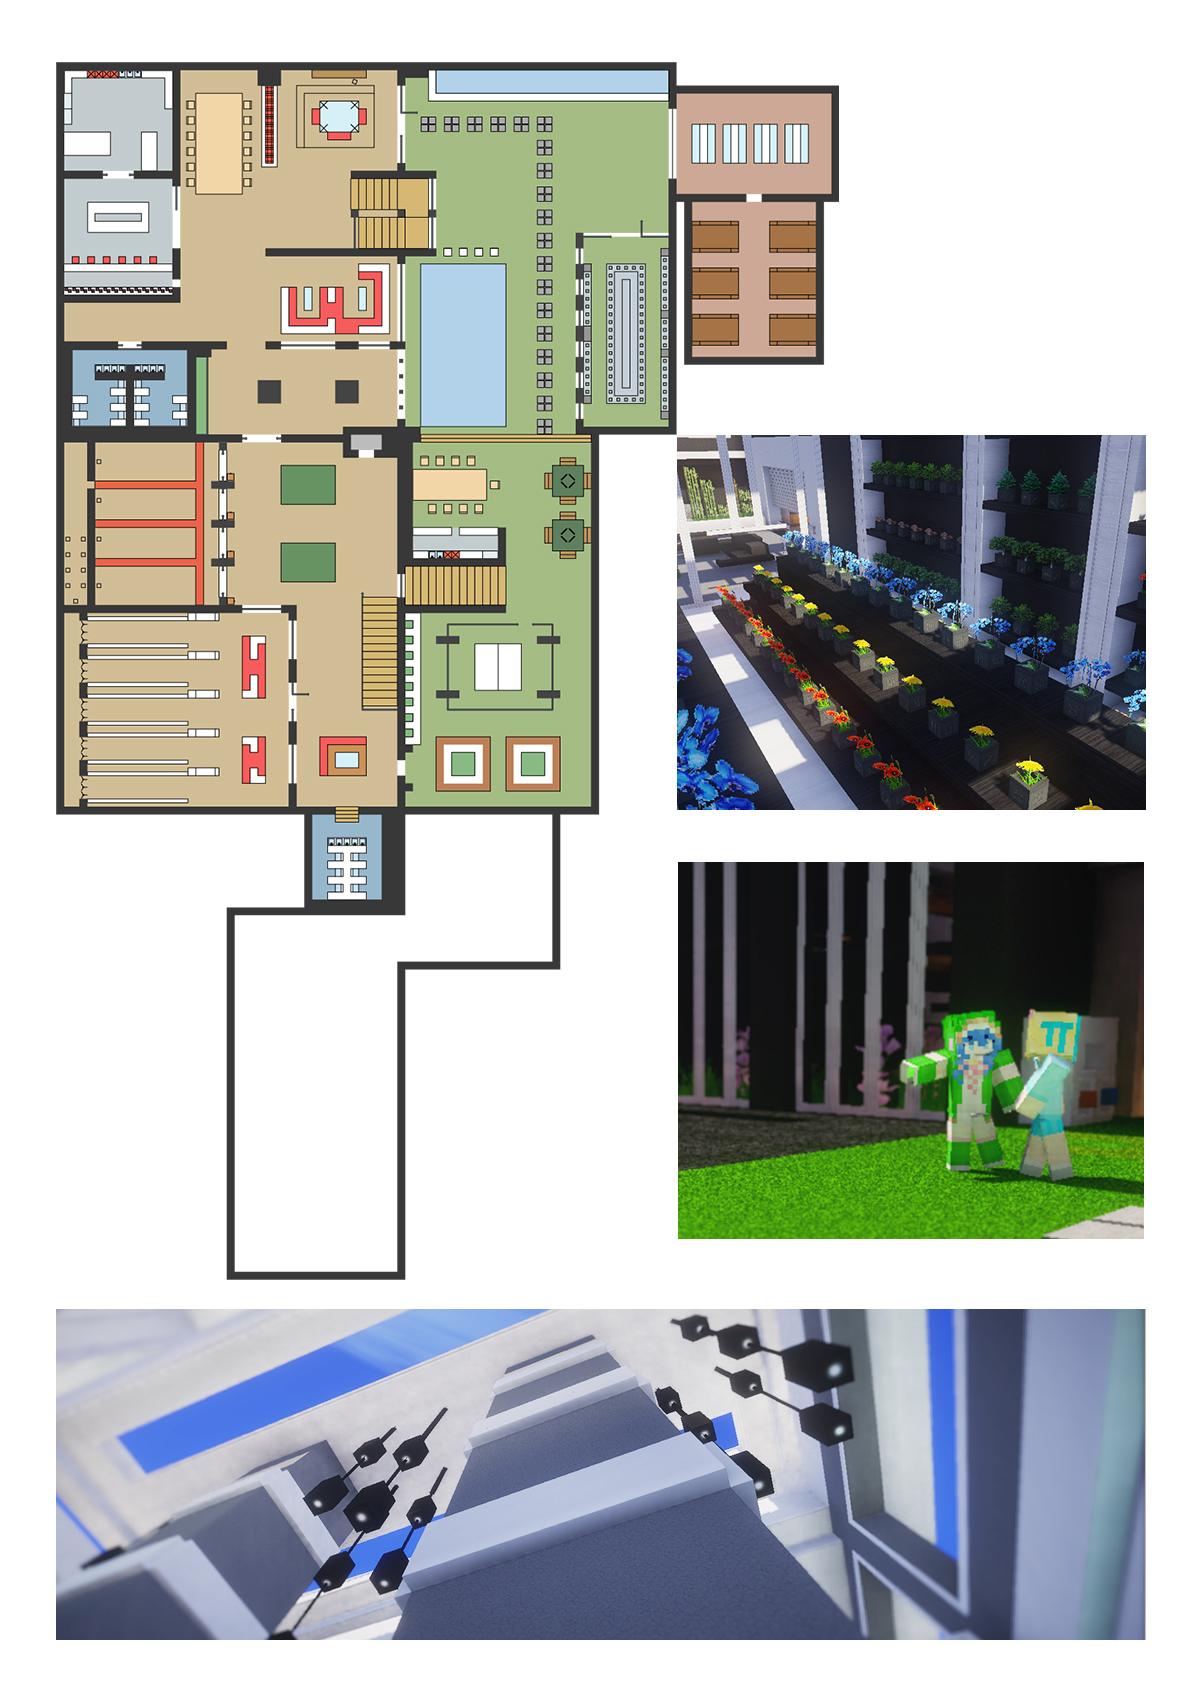 【我的别墅现代建筑群】合肥v别墅世界--源梦岛庭院设计私家别墅海岛图片